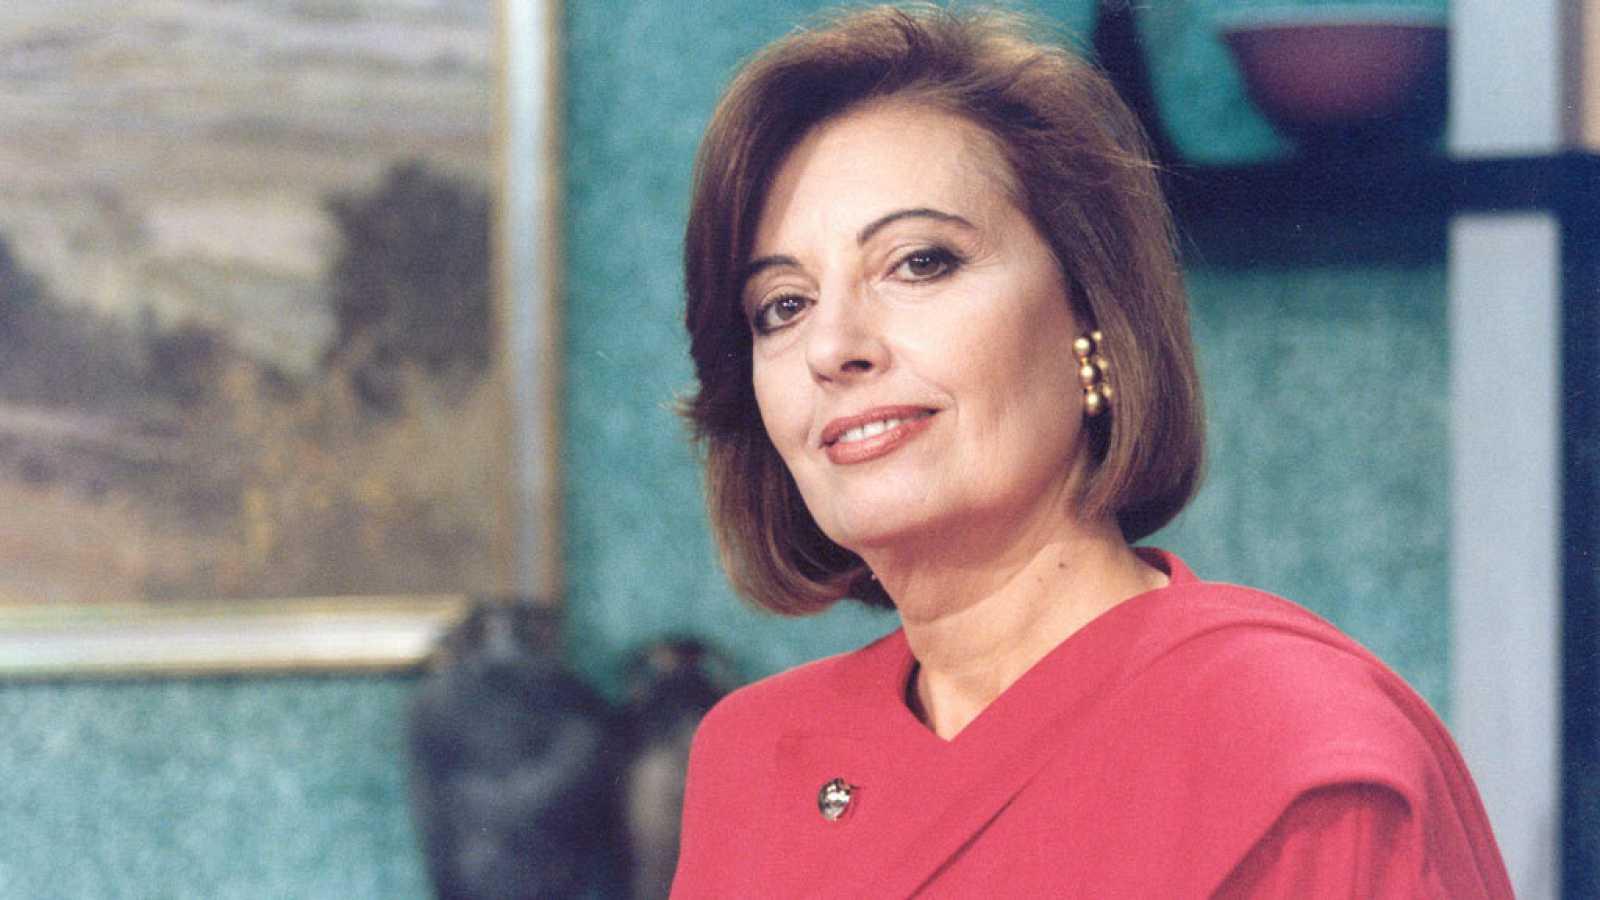 La presentadora María Teresa Campos en un plató televisivo.